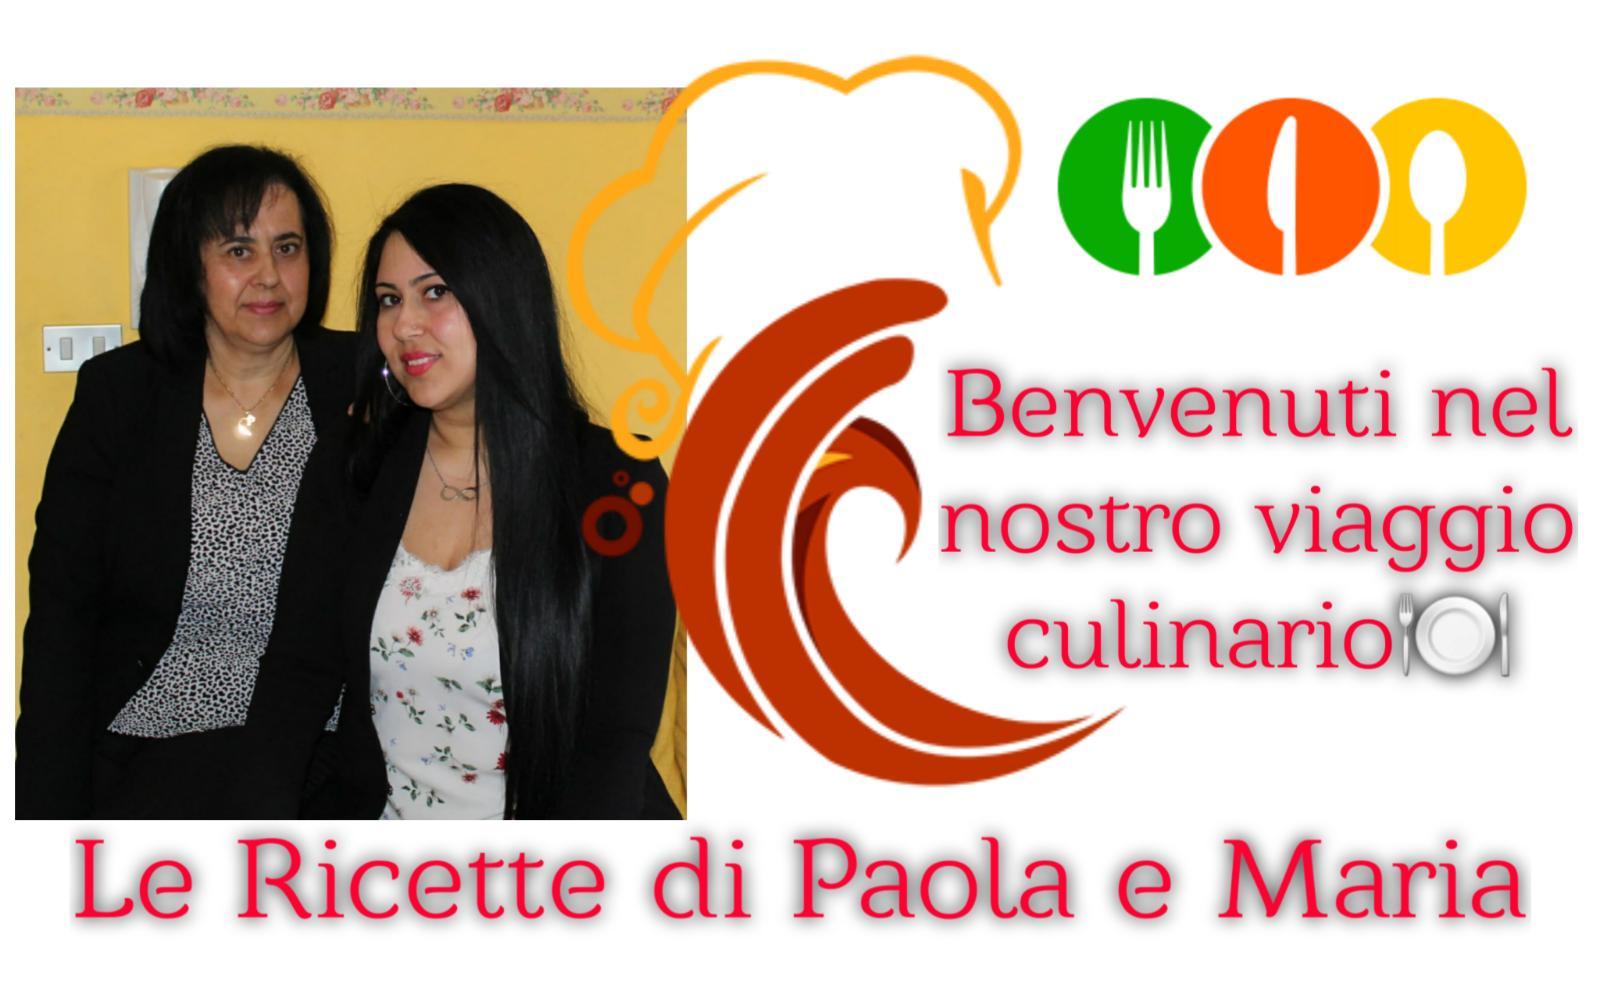 Le Ricette di Paola e Maria